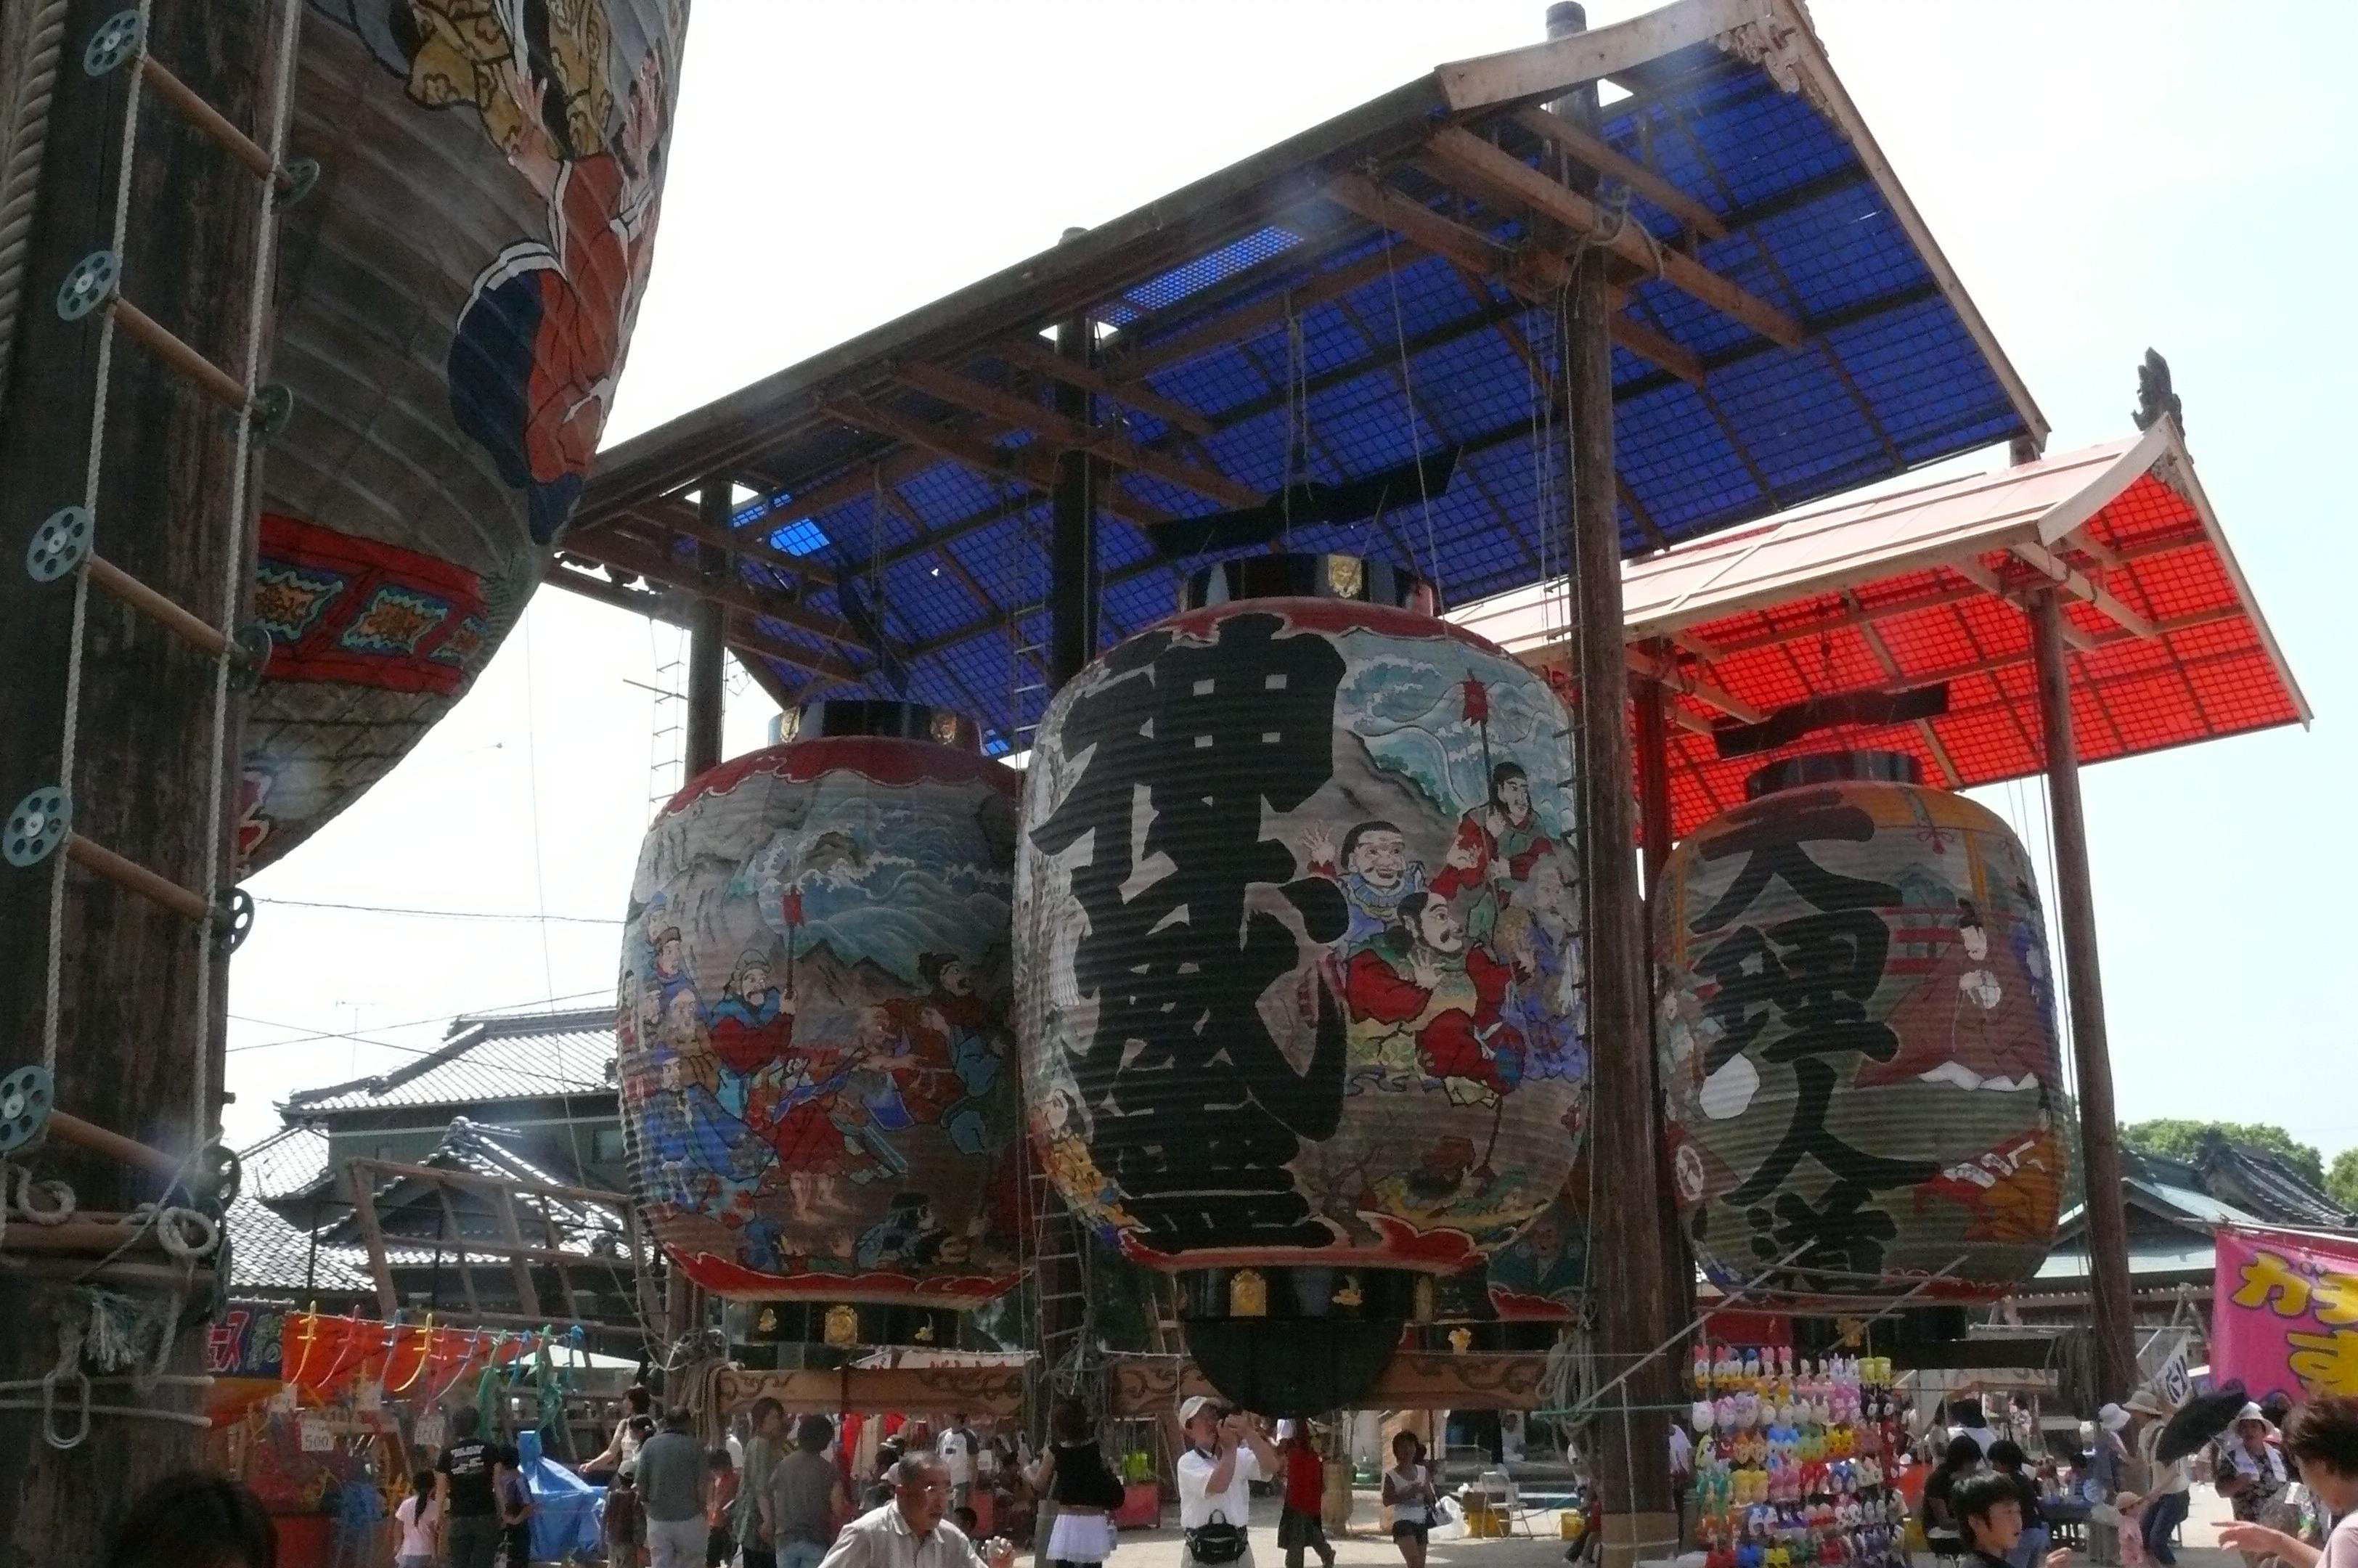 吉良温泉 宮嶋舘 「三河 一色町 大提灯まつり の宿泊に」 愛知県西尾市 吉良町の旅館